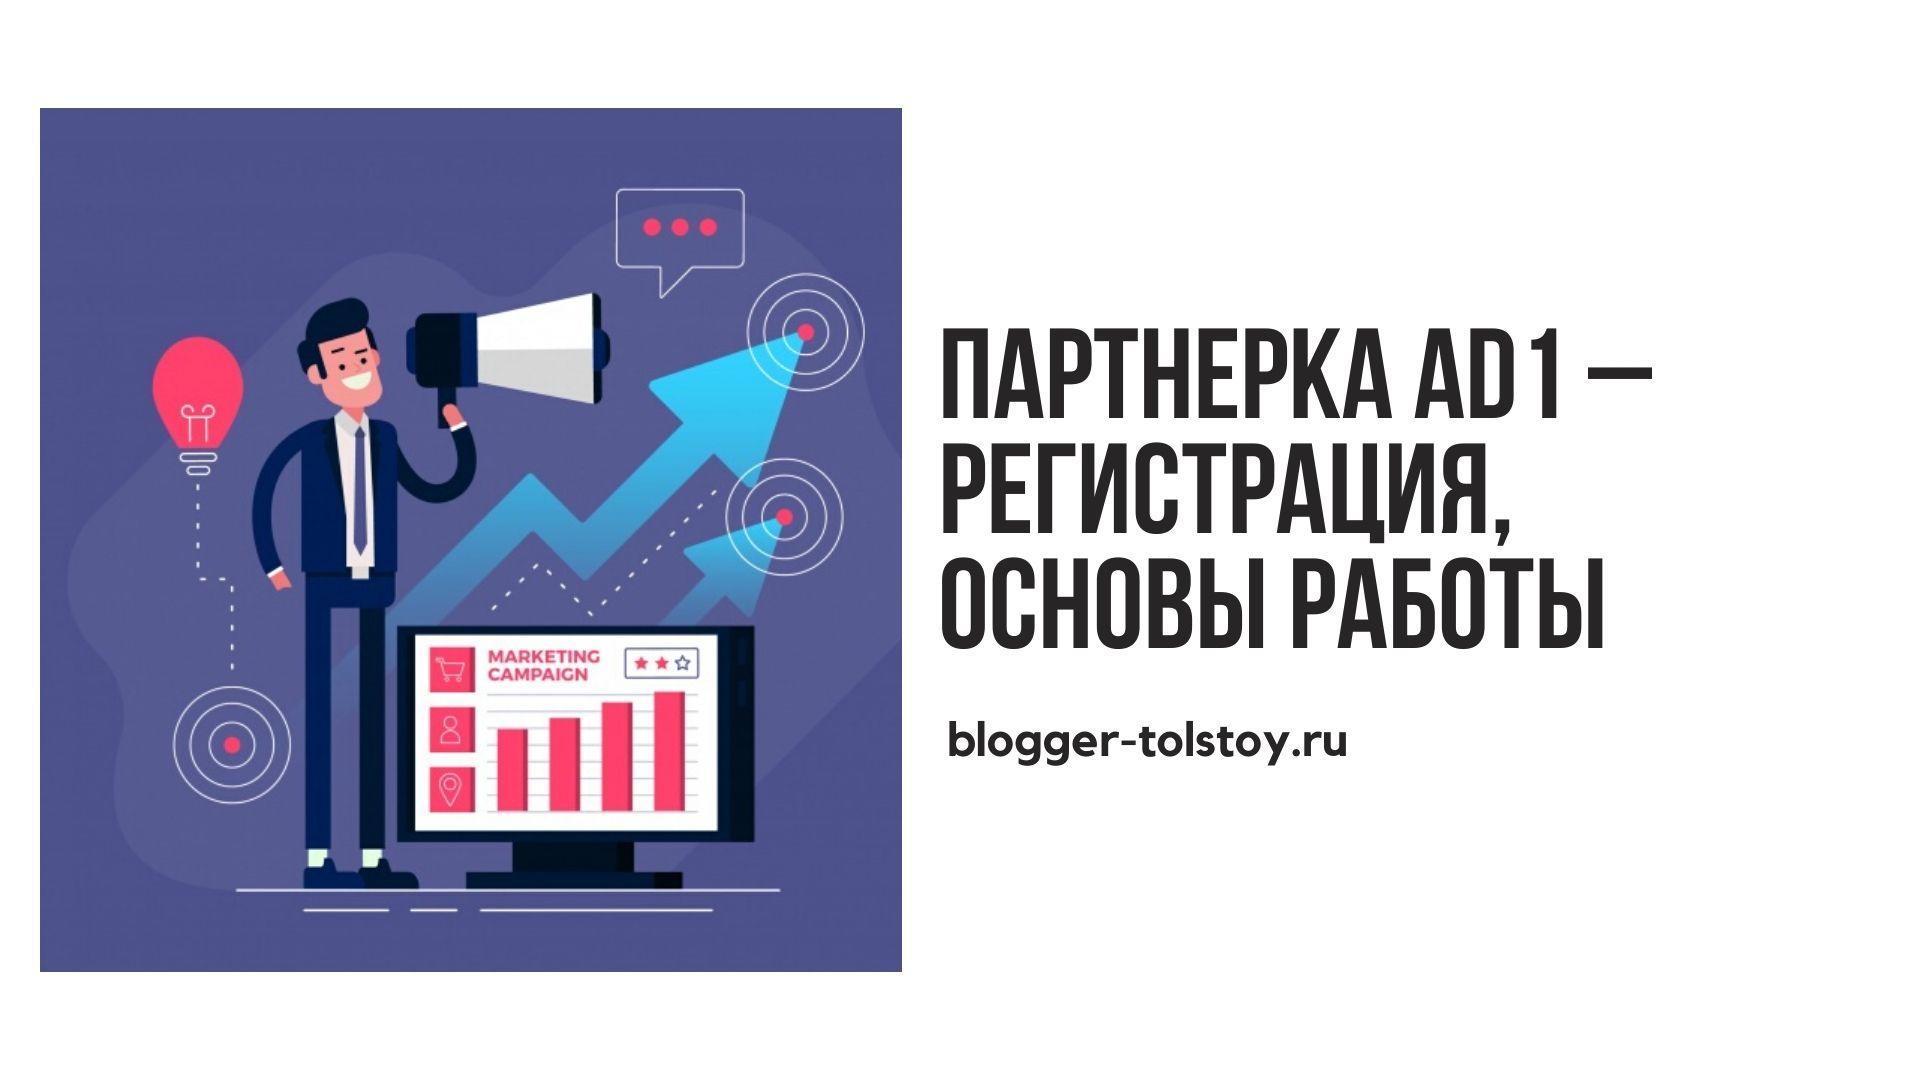 Превью статьи партнеркаad1 – регистрация, основы работы